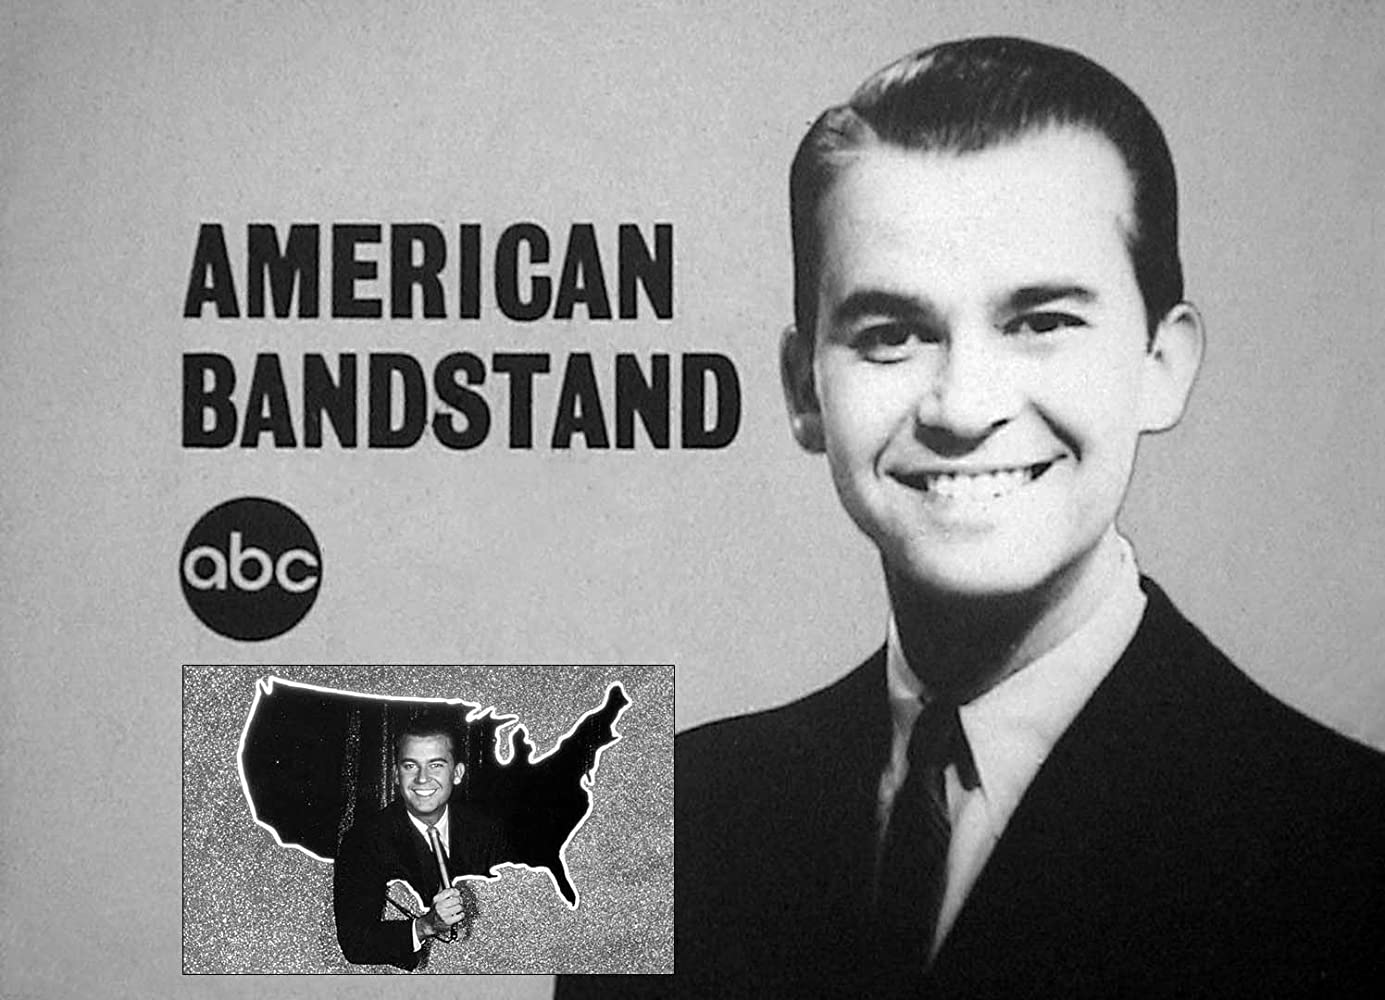 Bandstand dick clark american